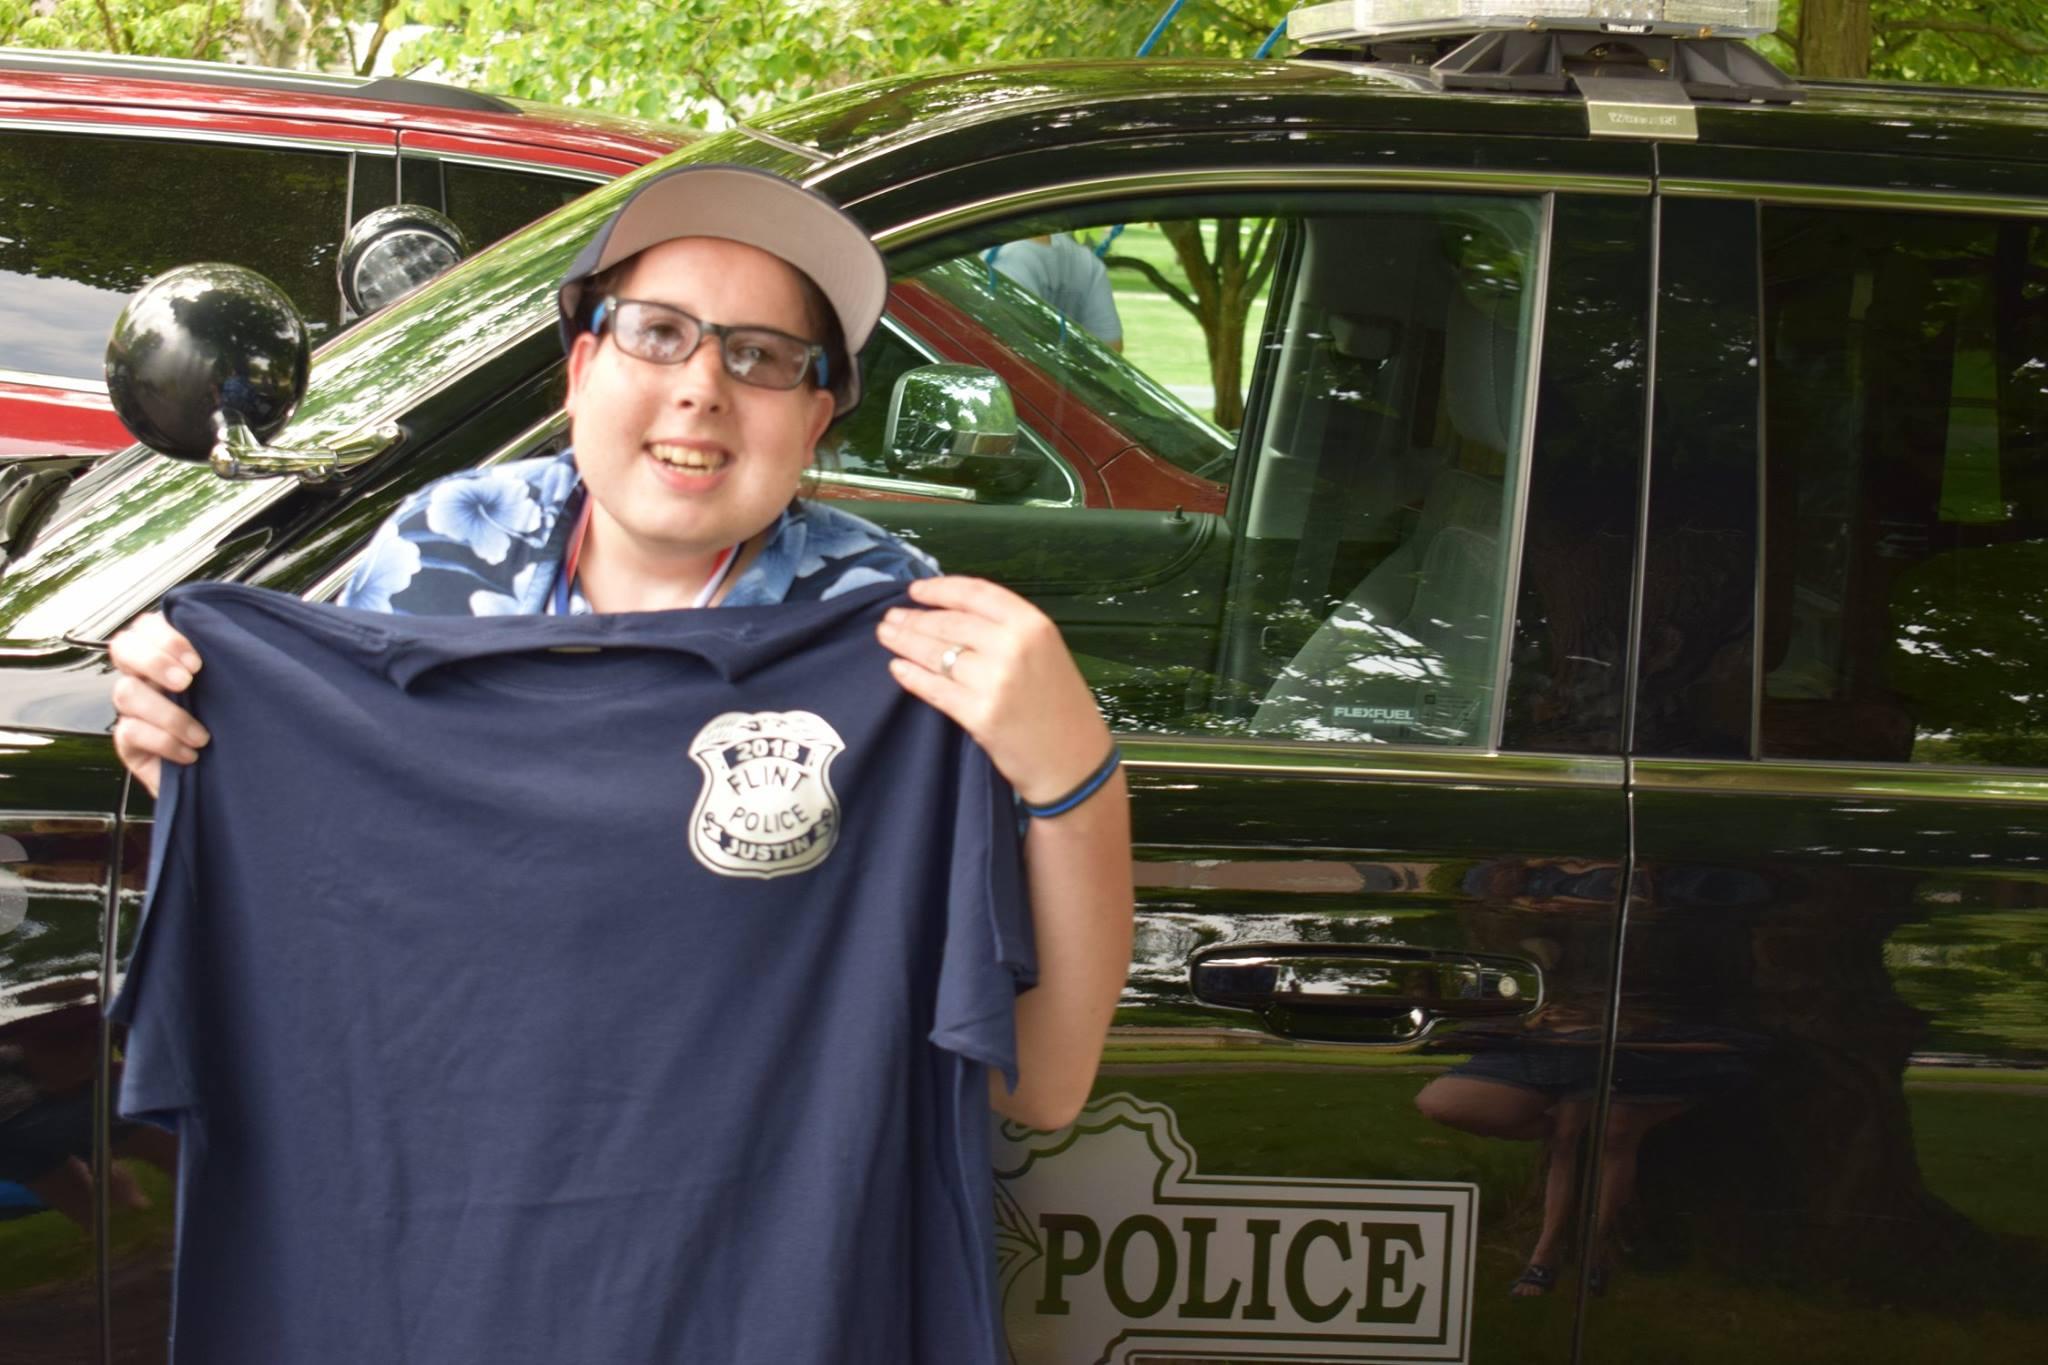 Flint Police Department